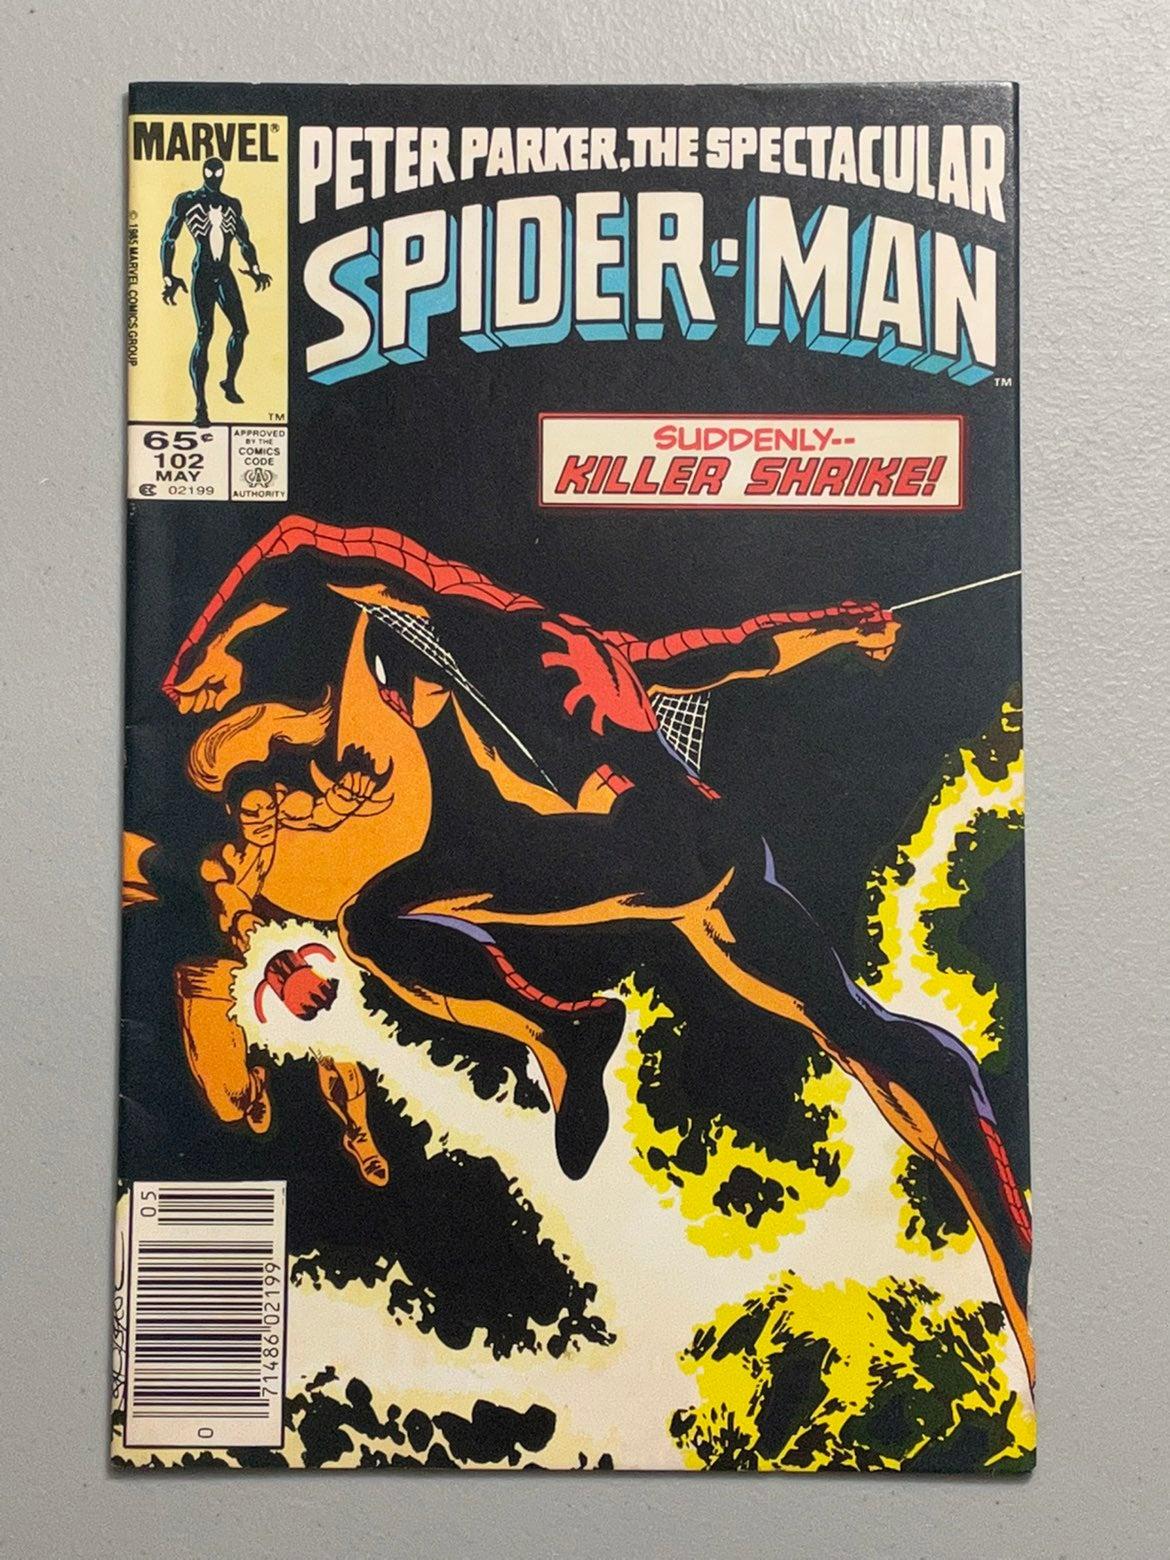 Spectscular Spider-Man # 102